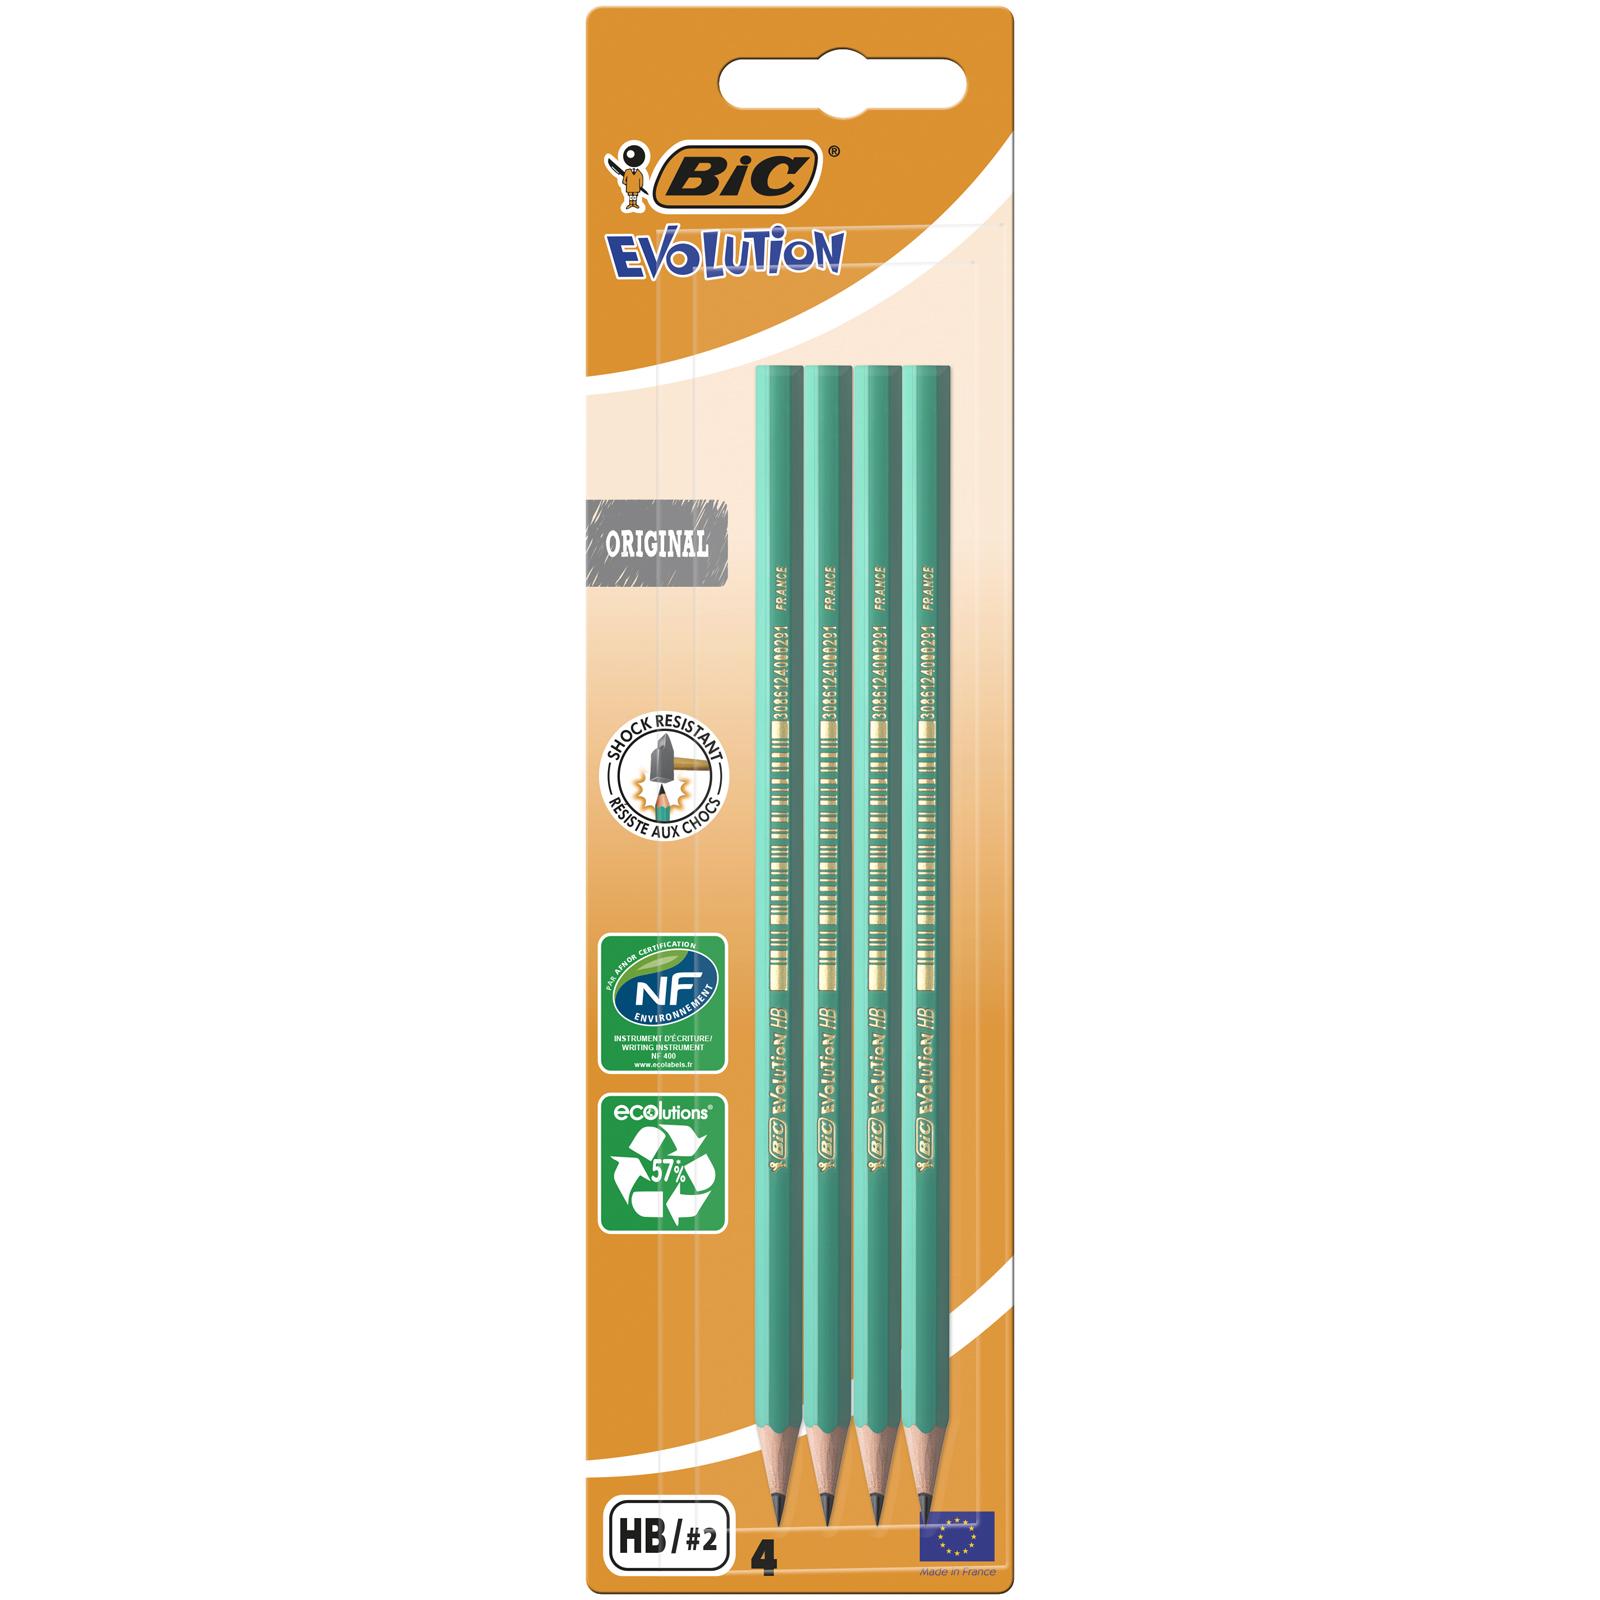 BIC ECOlutions EVOLUTION 650 - Pack de 4 Crayons à papier - HB